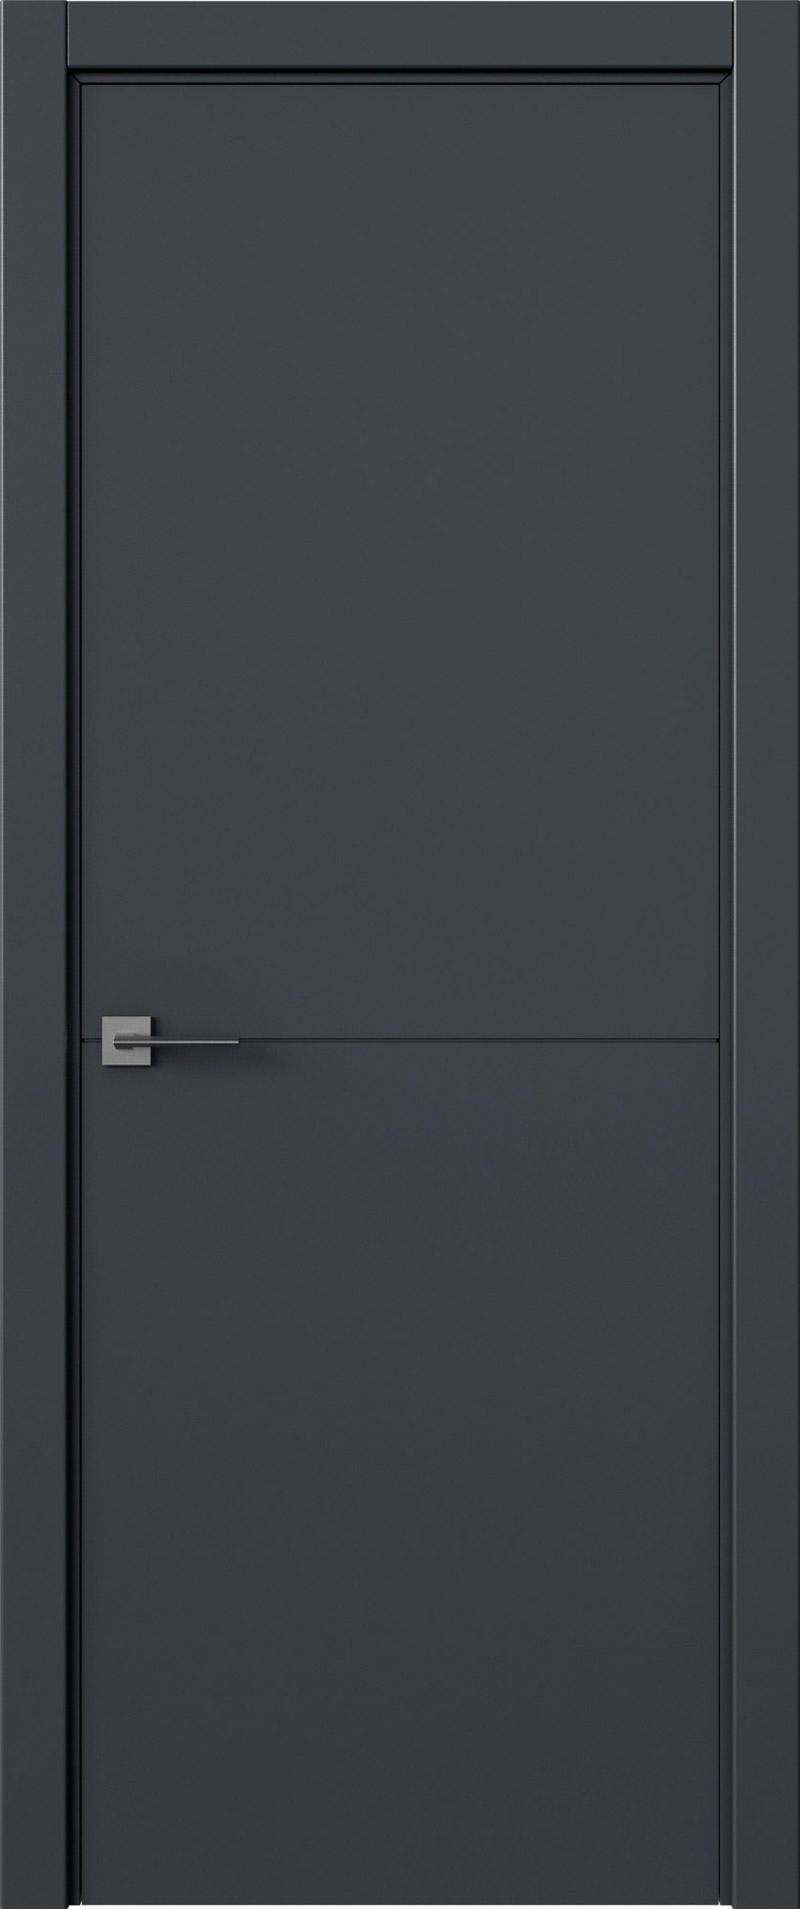 Tivoli Б-2 цвет - Графитово-серая эмаль (RAL 7024) Без стекла (ДГ)